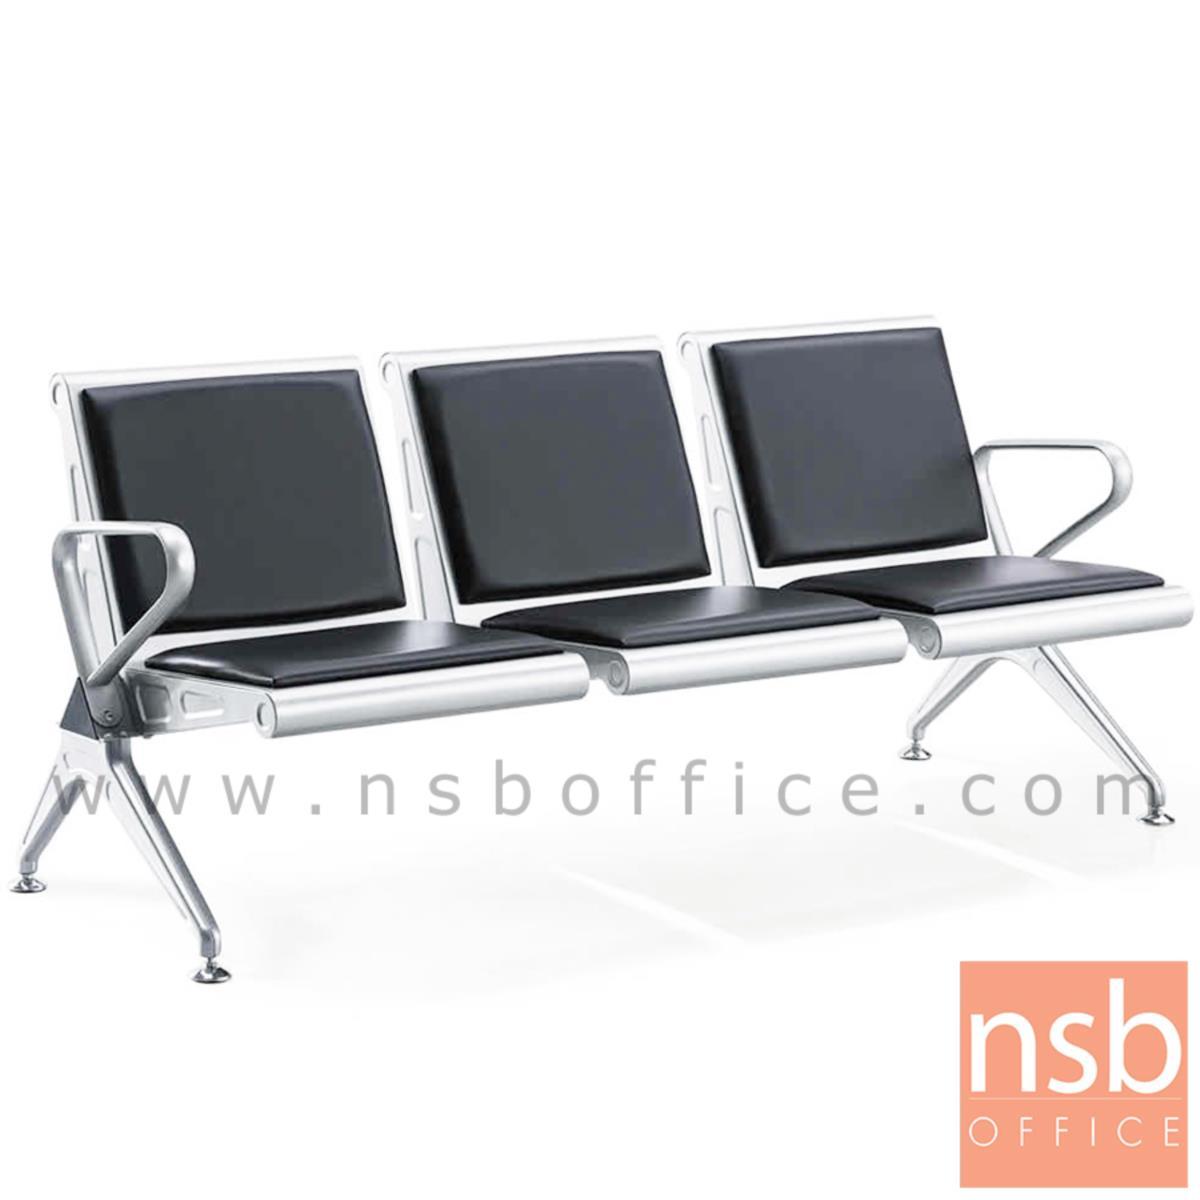 B06A148:เก้าอี้นั่งคอยเหล็ก รุ่น Dela (เดลา) ขนาด 3, 4 ที่นั่ง เบาะหุ้มหนังเทียม